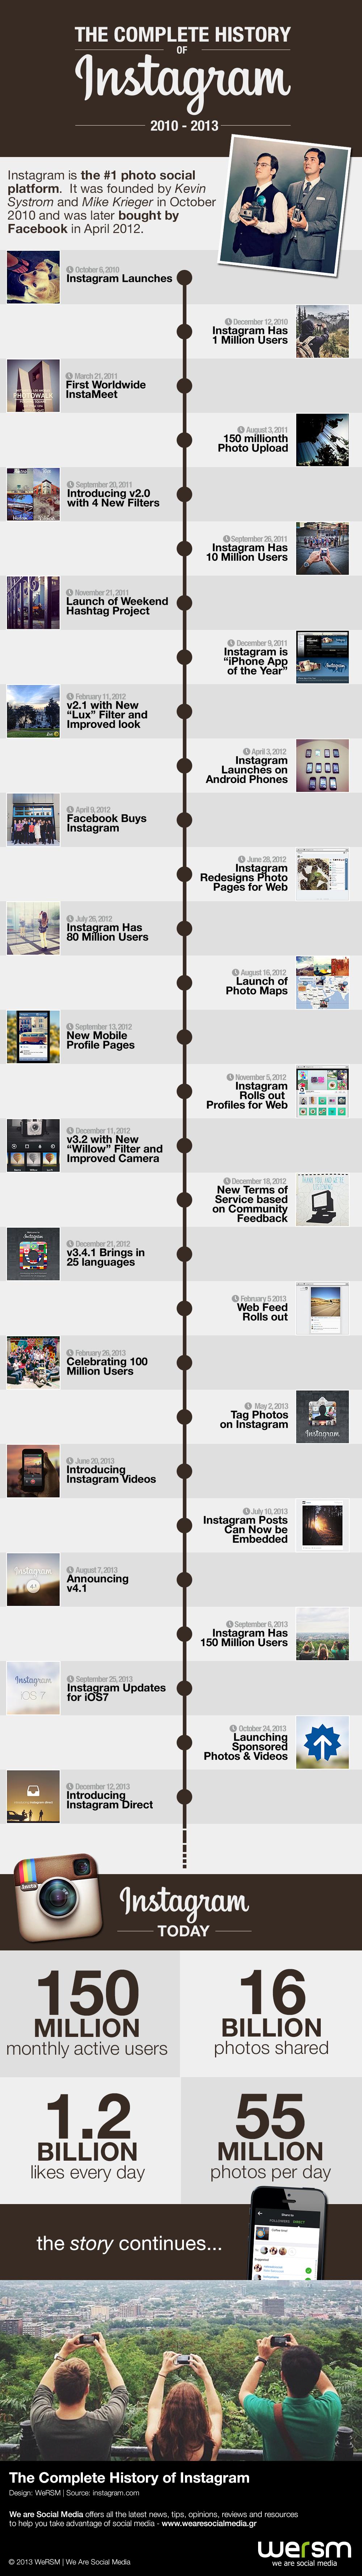 wersm_infographic_Instagram_story